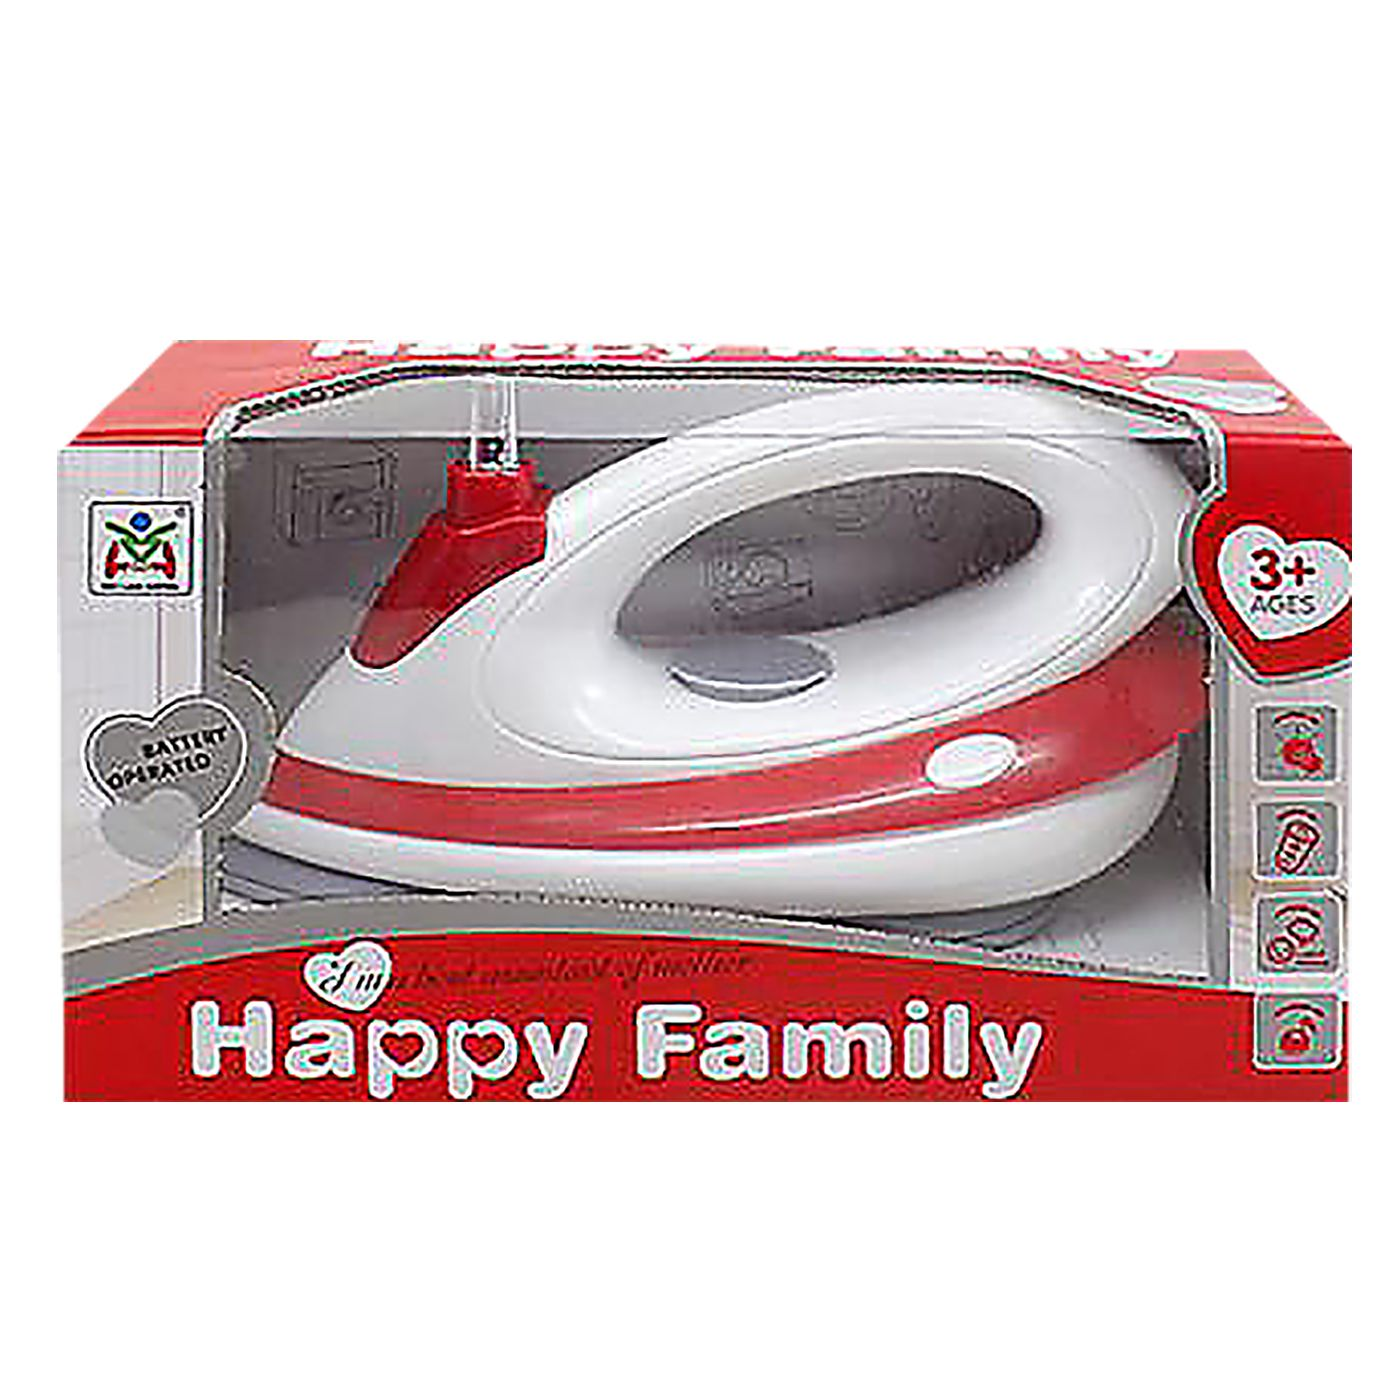 ΣΙΔΕΡΑΚΙ ΜΠΑΤΑΡΙΑΣ HAPPY FAMILY 25x14x11cm